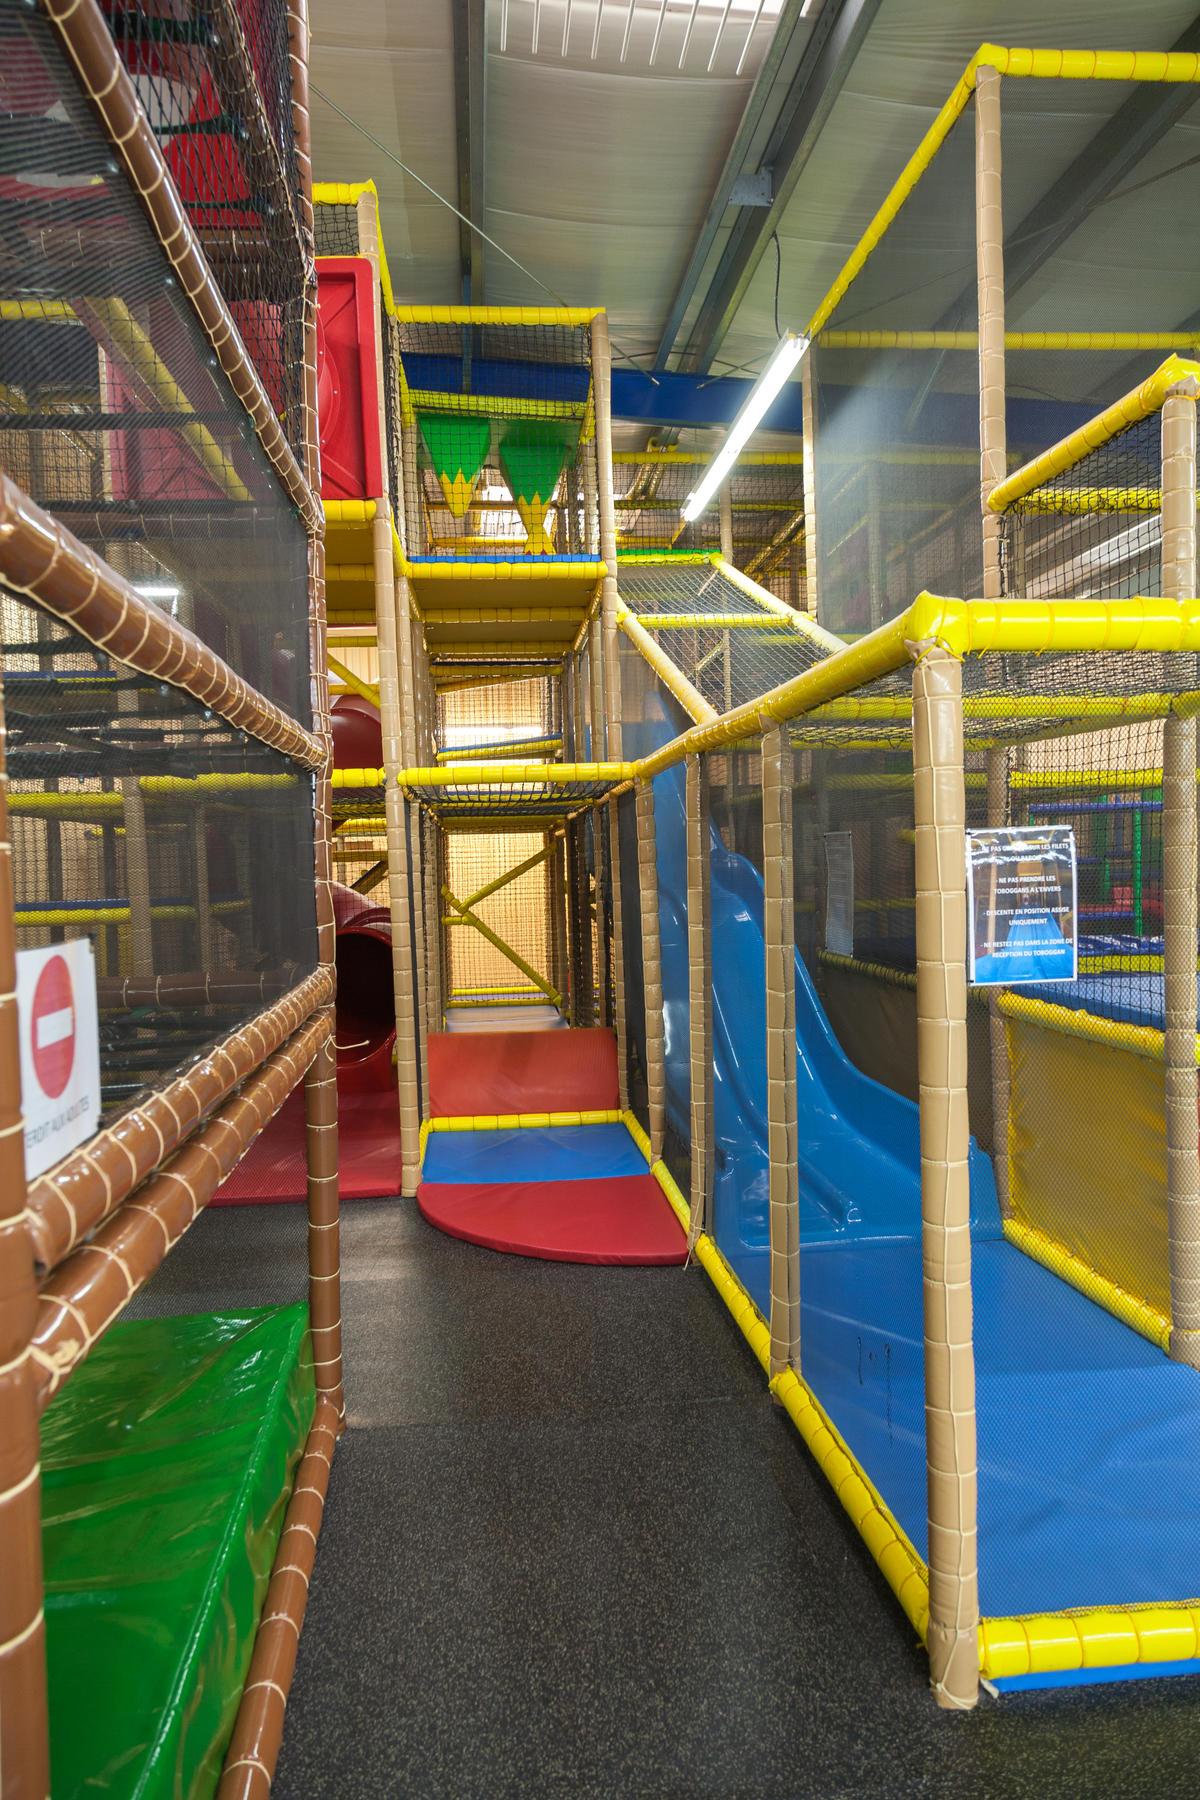 Parc De Jeux Pour Enfant Mutzig | Jeux Pour Enfant À Obernai dedans Piscine Mutzig